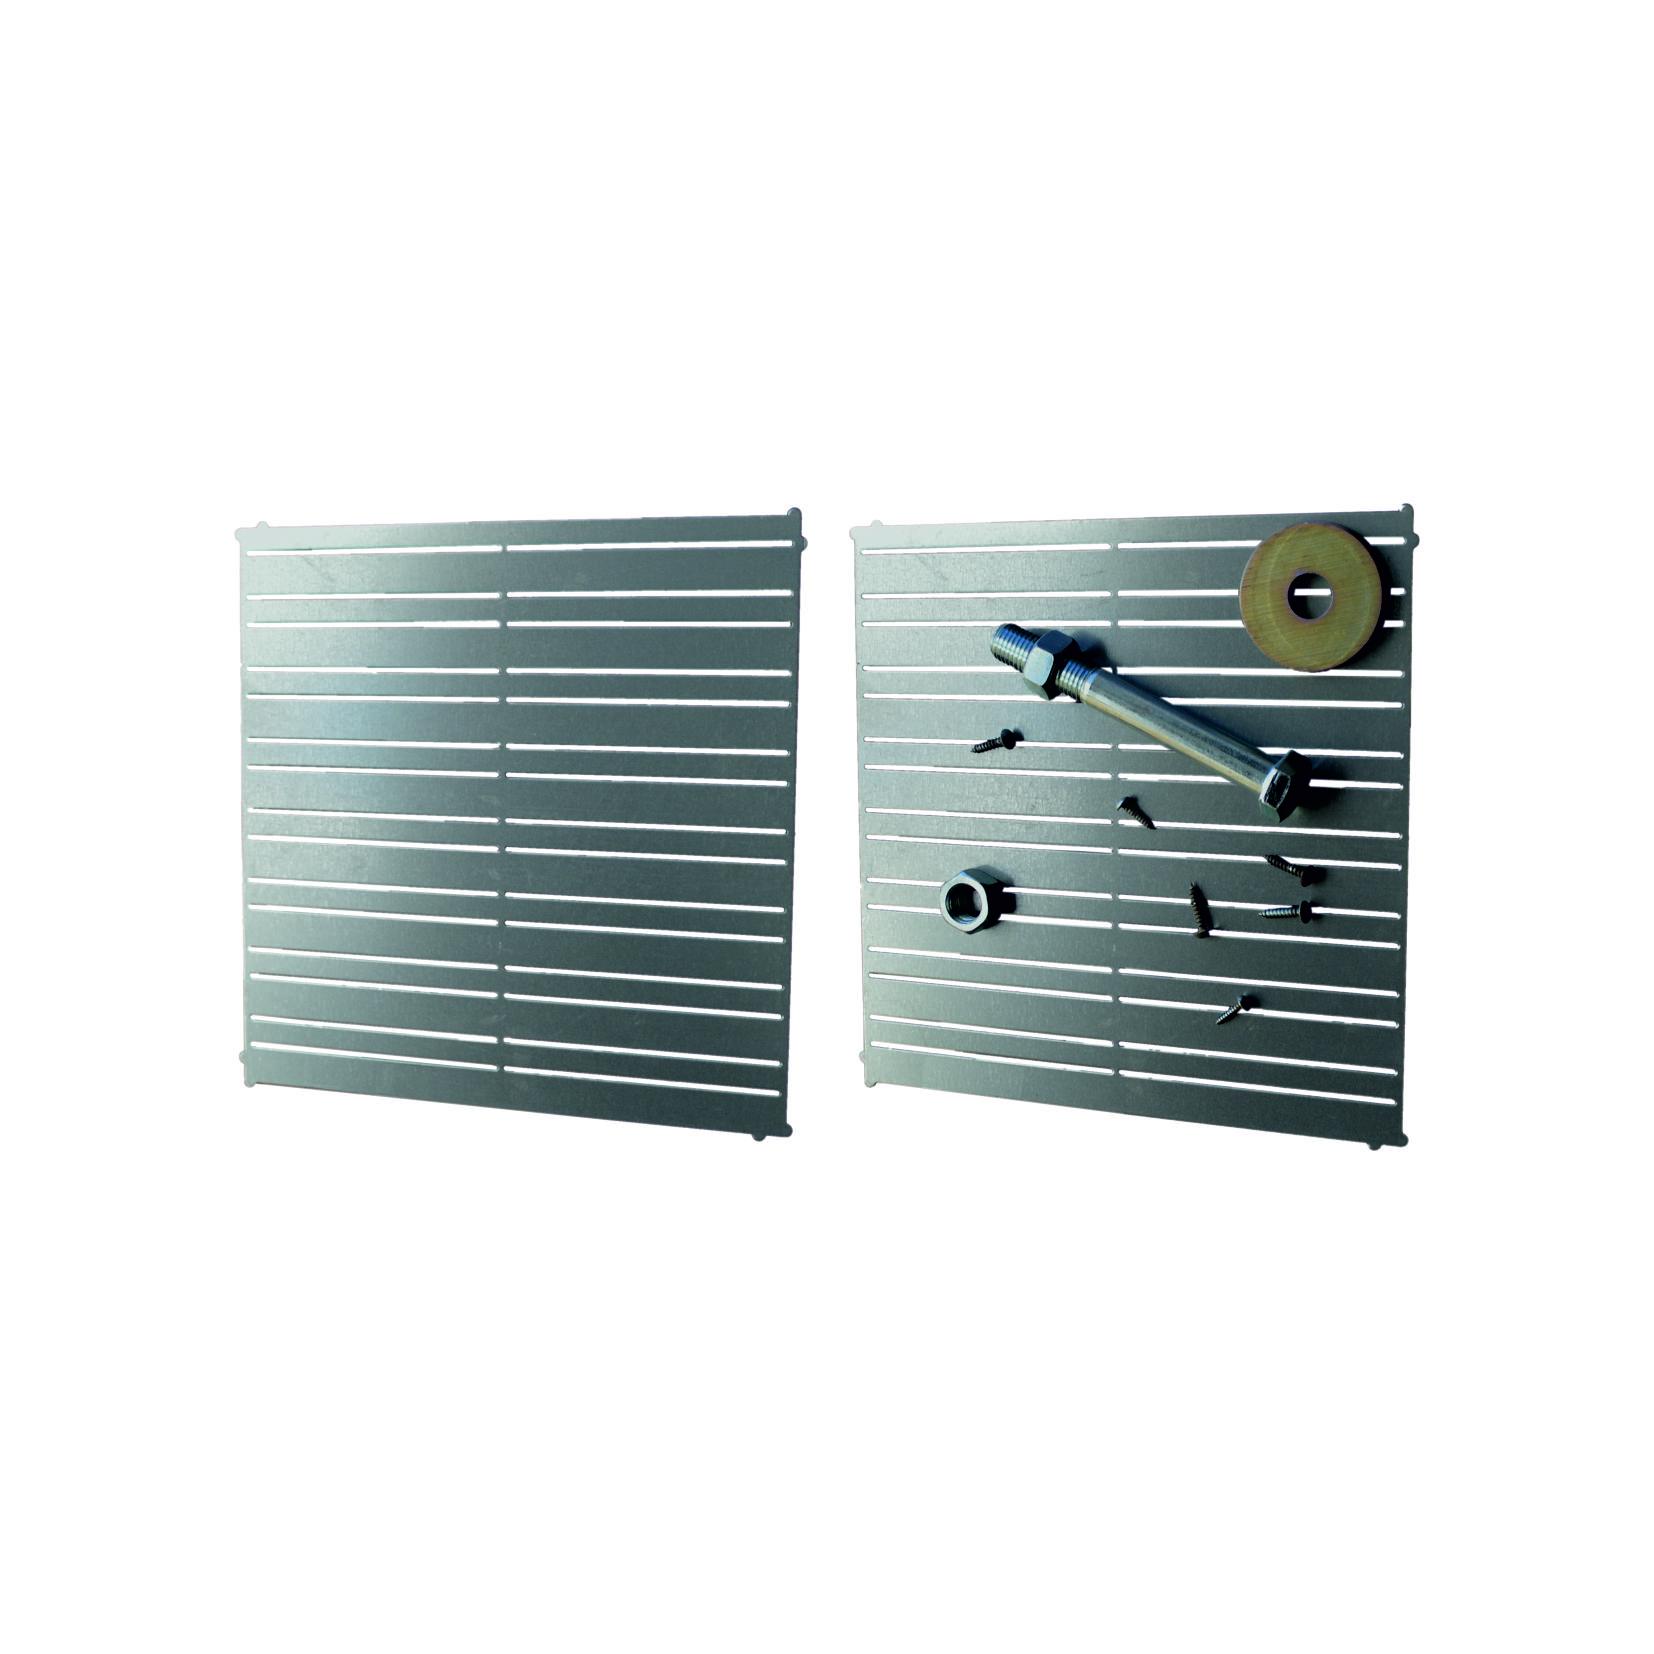 Панель WiederkraftДополнительный инструмент<br>Тип: панель,<br>Длина (мм): 300,<br>Ширина: 300,<br>Материал: металл<br>